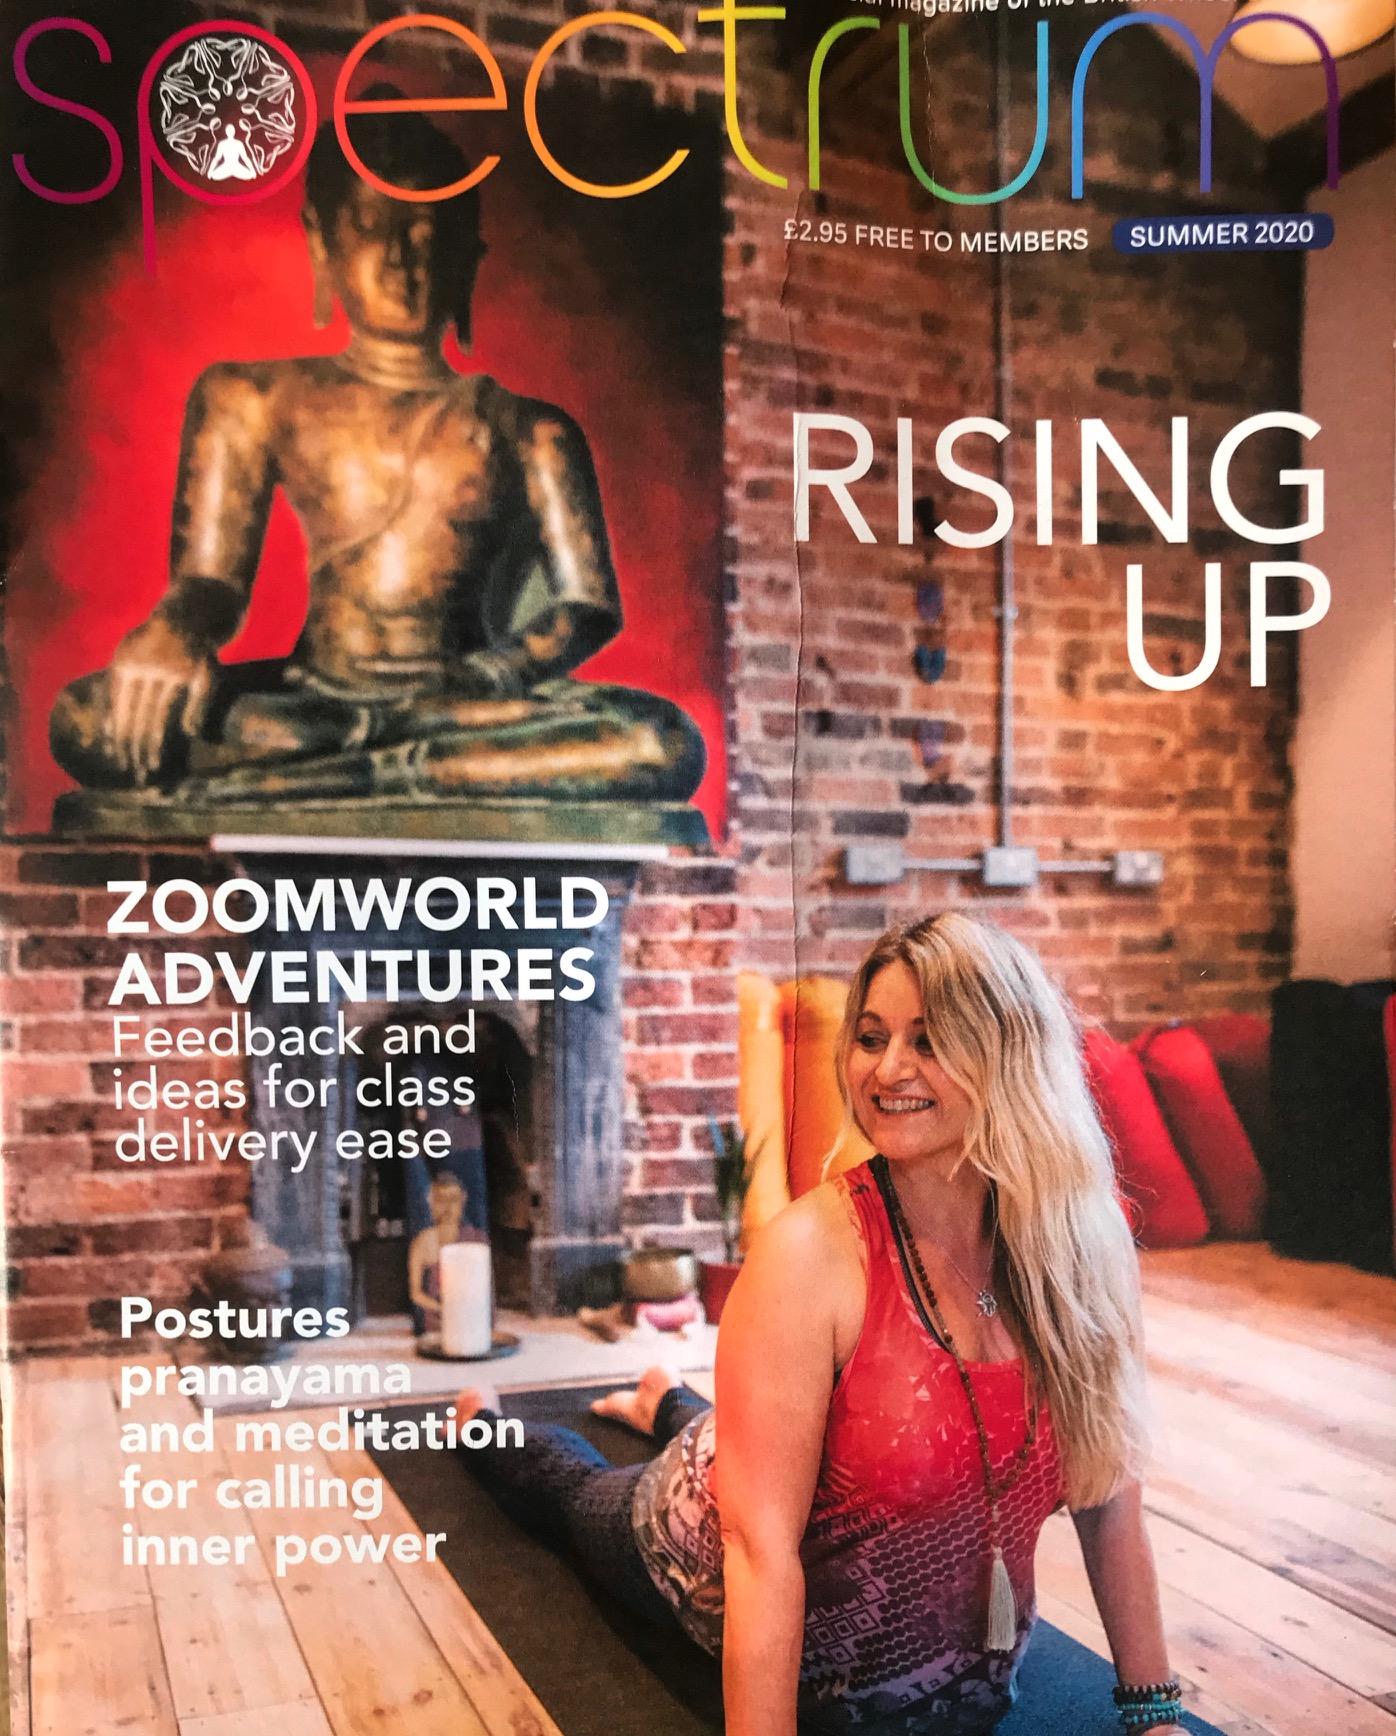 Yoga Life feature in the Spectrum Magazine